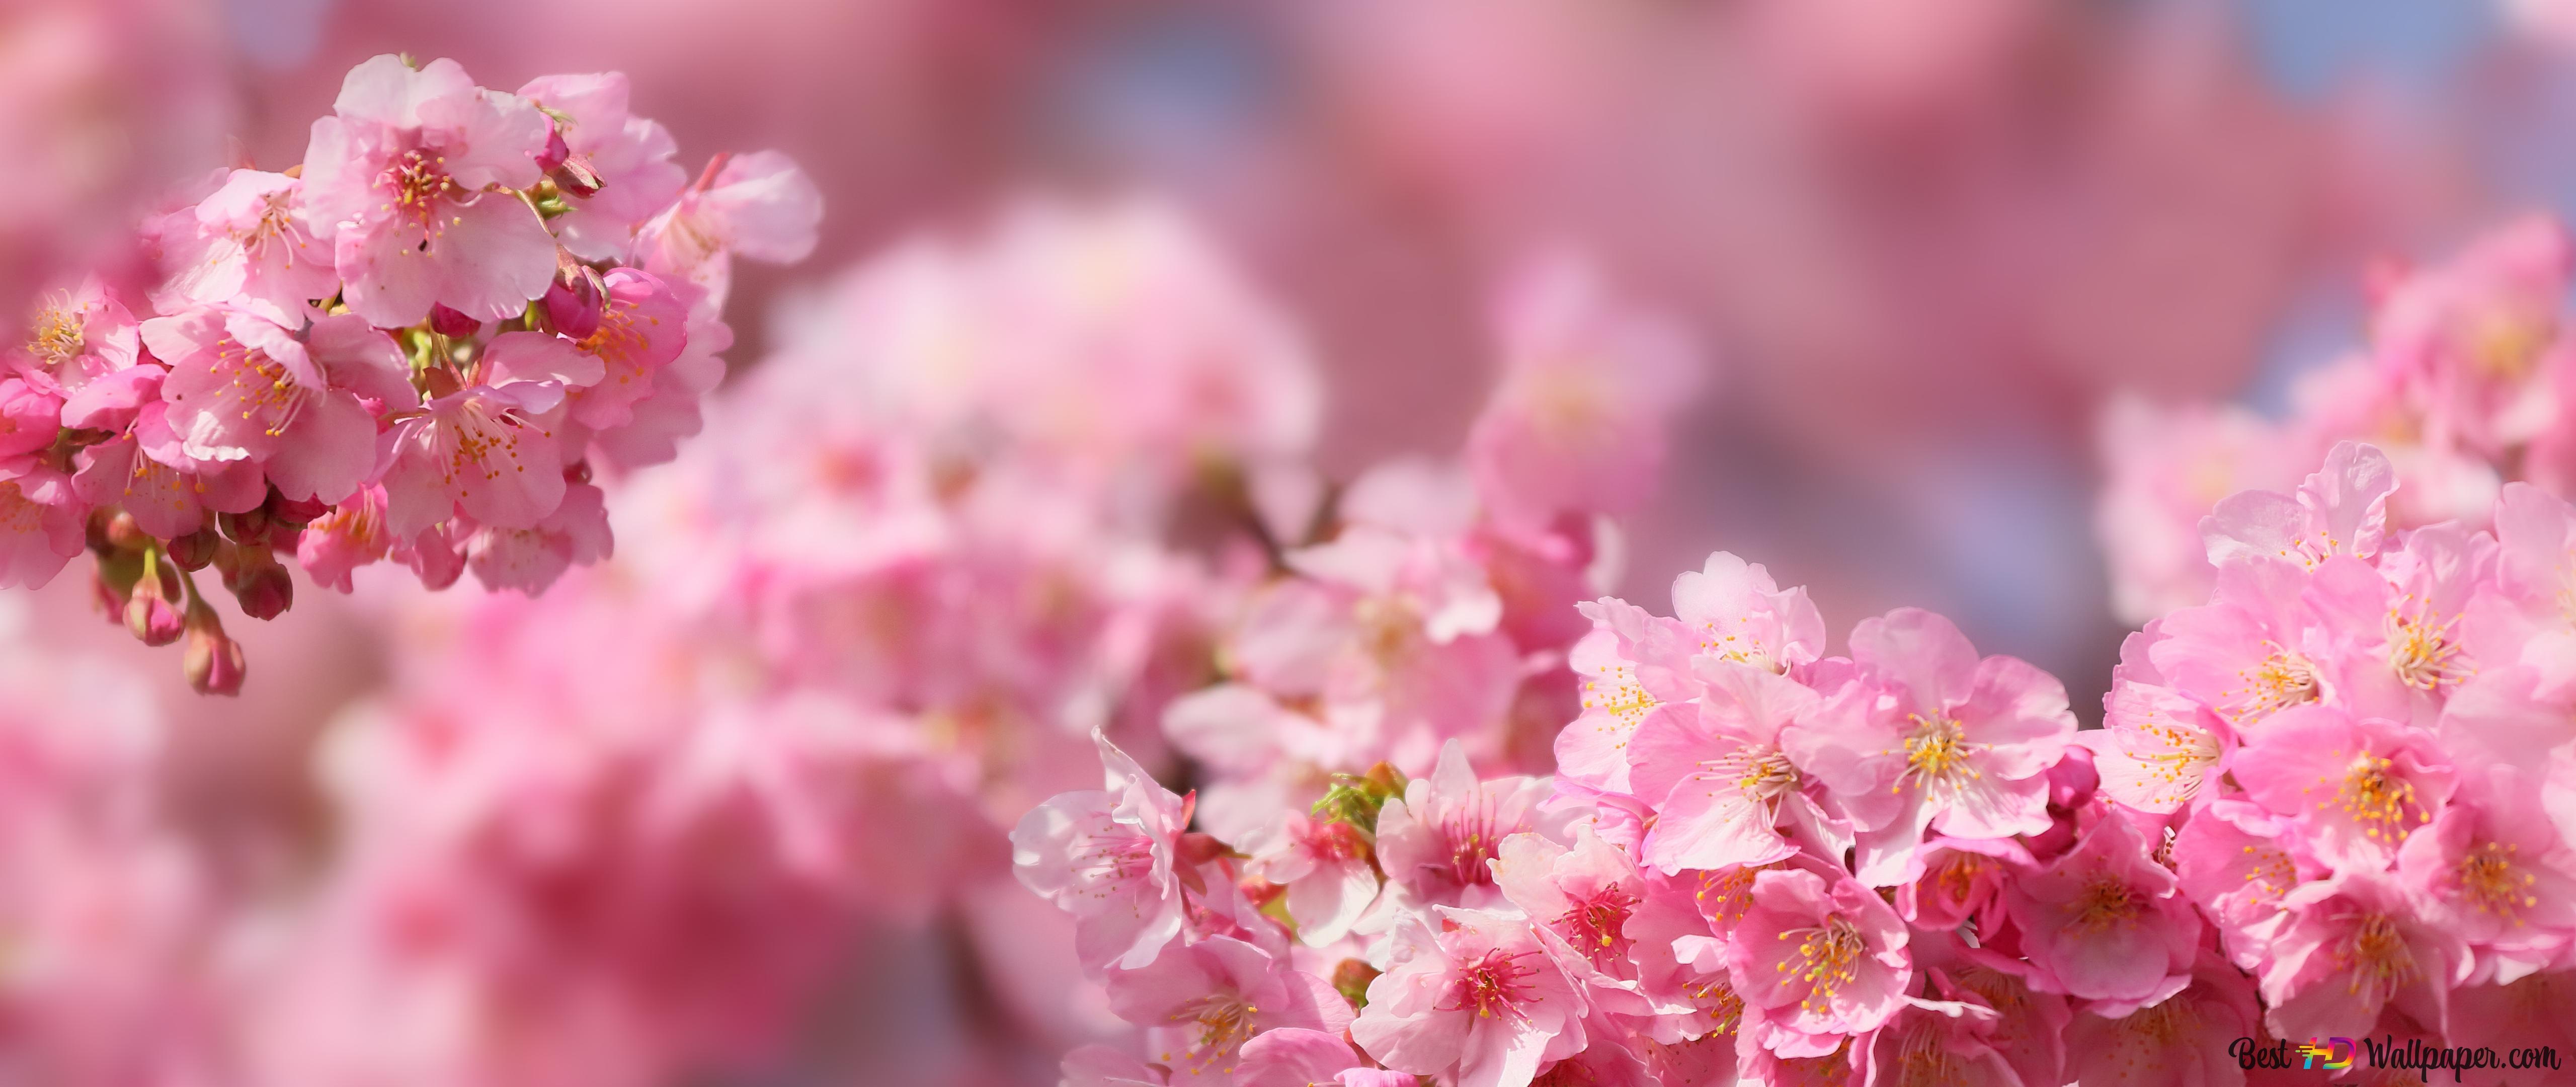 桜の花 Hd壁紙のダウンロード